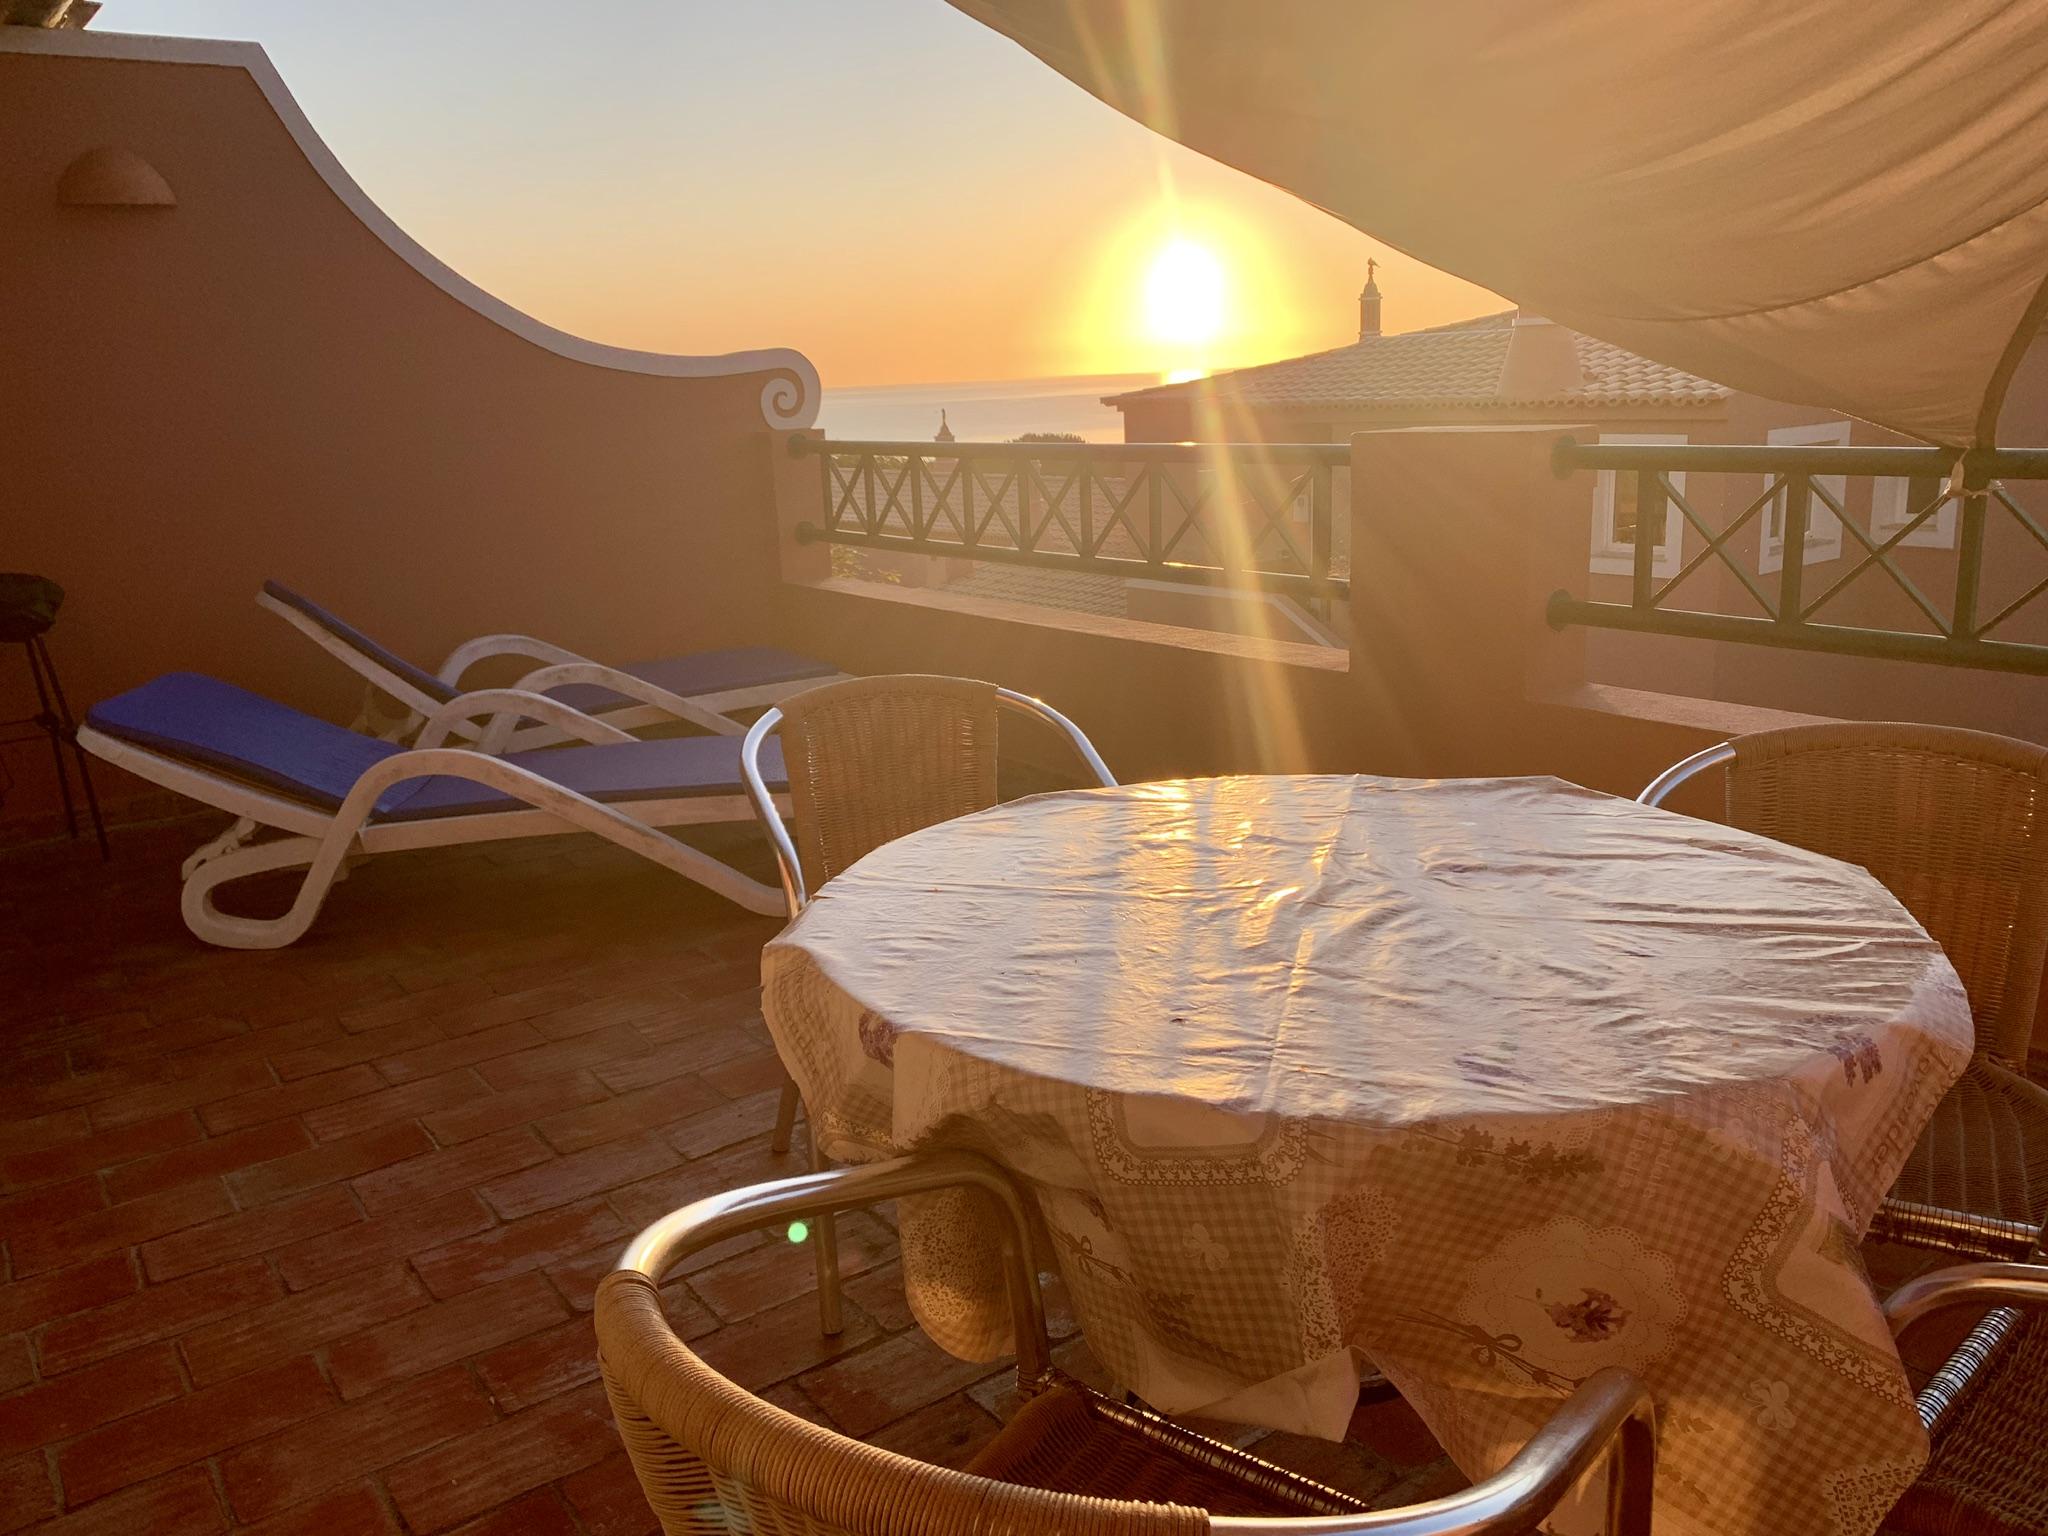 Location appartements et villas de vacance, Maison de vacances praia da Luz face à la mer à Lagos, Portugal Algarve, REF_IMG_2627_17929